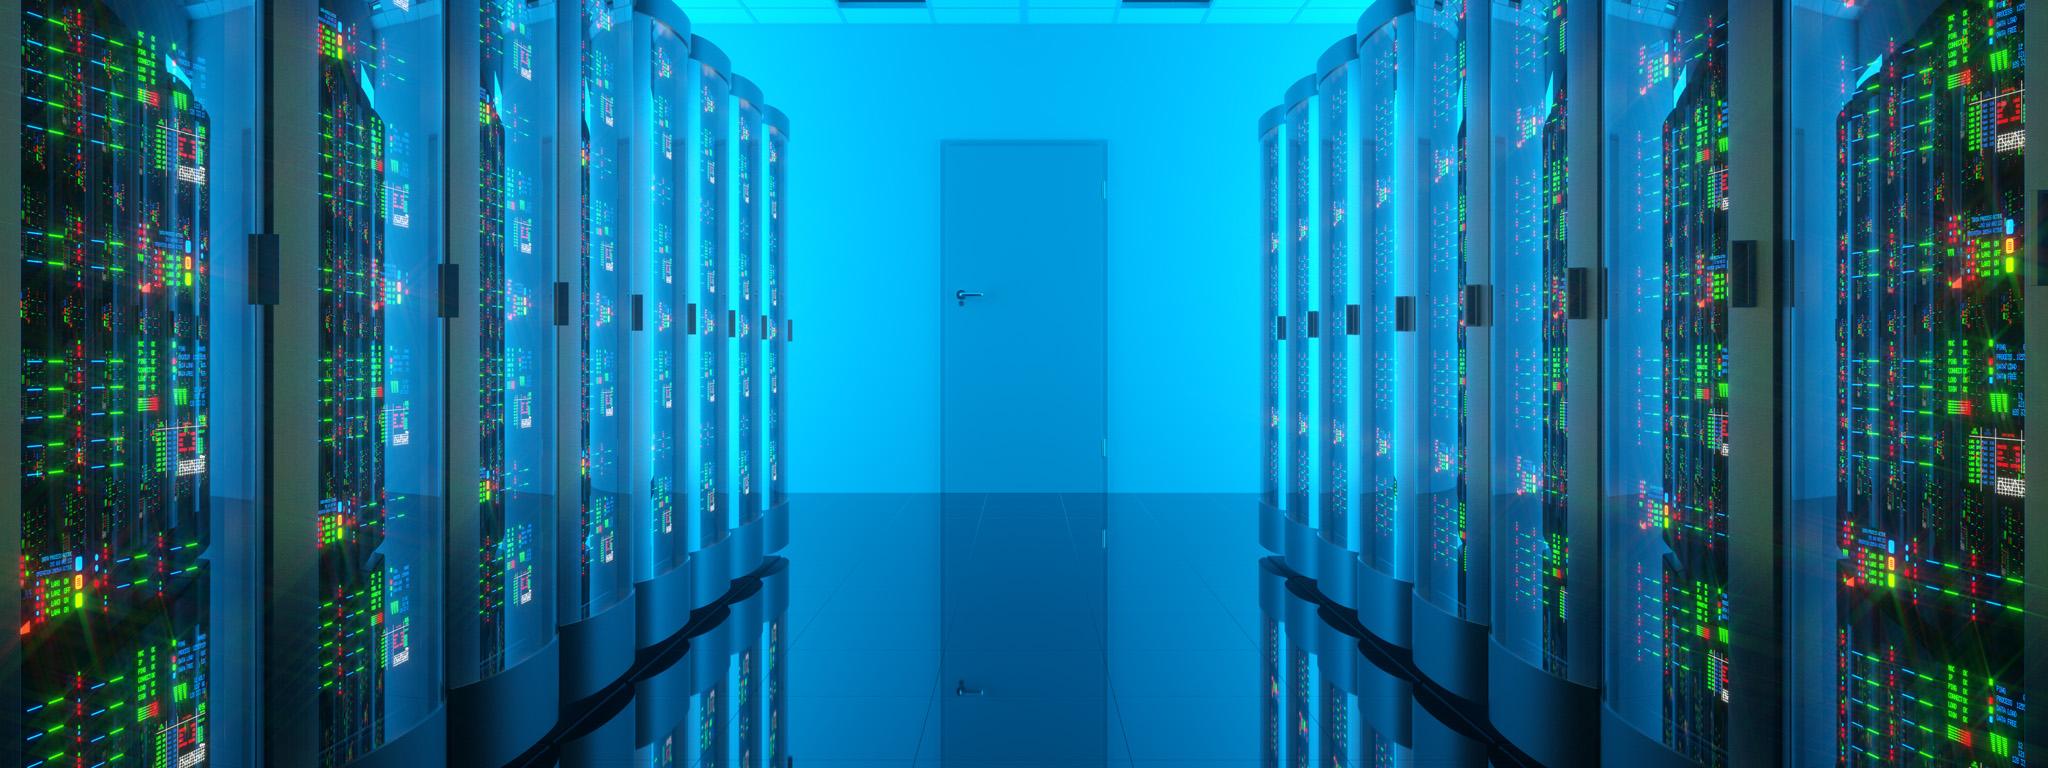 青い照明と緑の LED のあるデータセンターの廊下を見下ろした様子